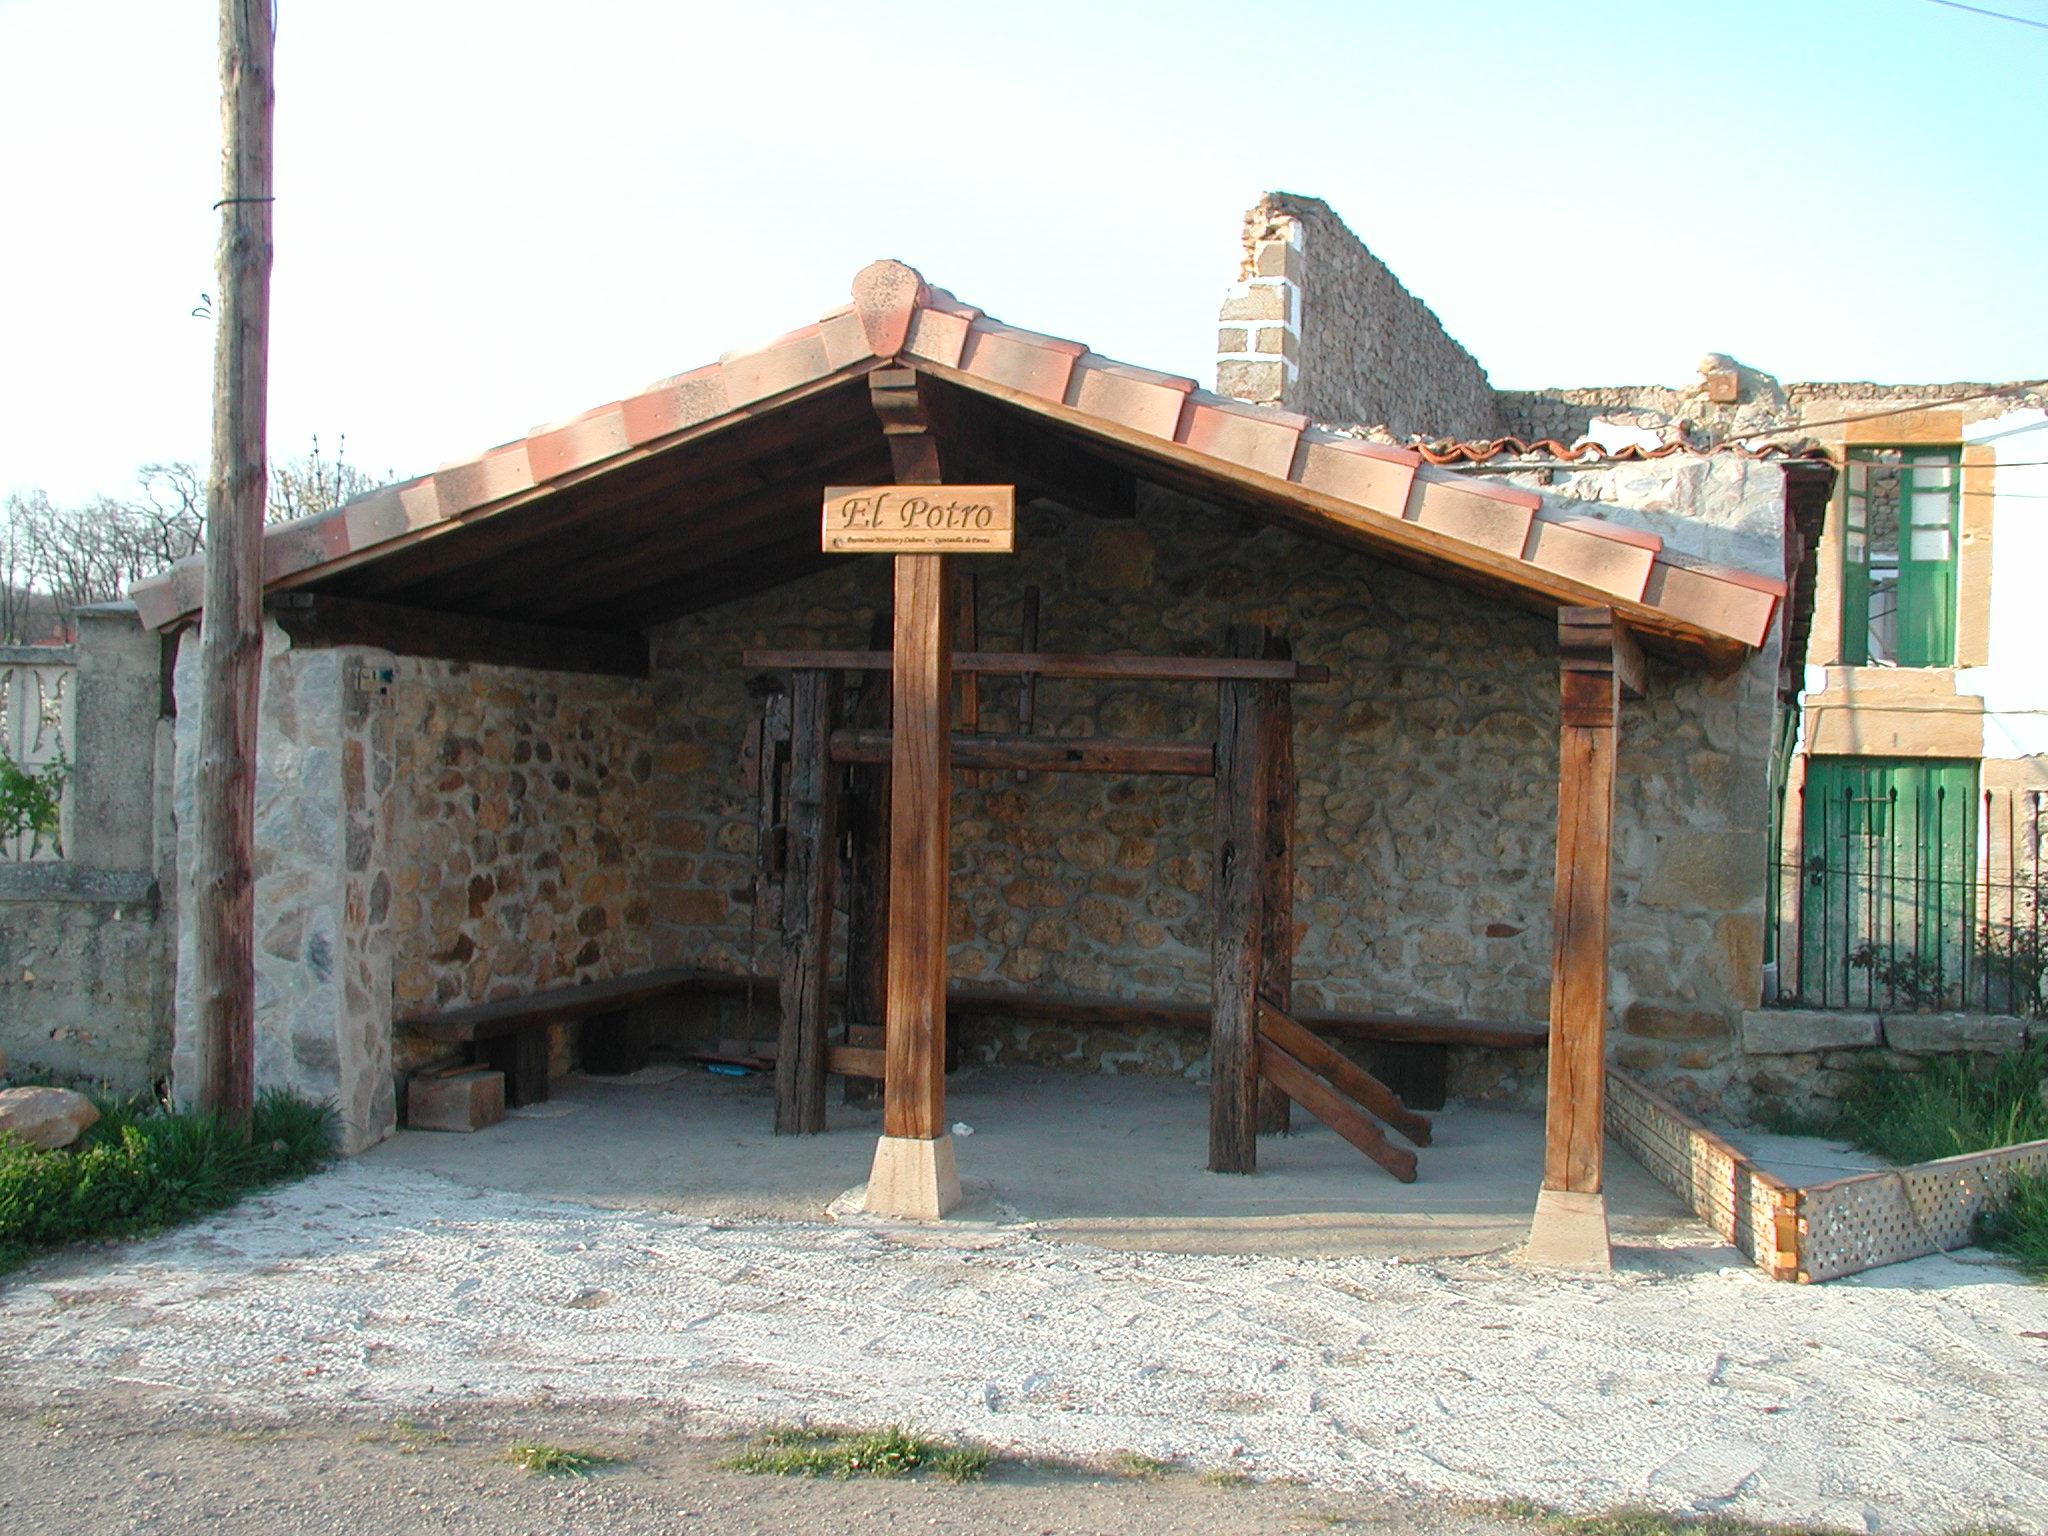 2006 04 12 El Potro - Abril 2007